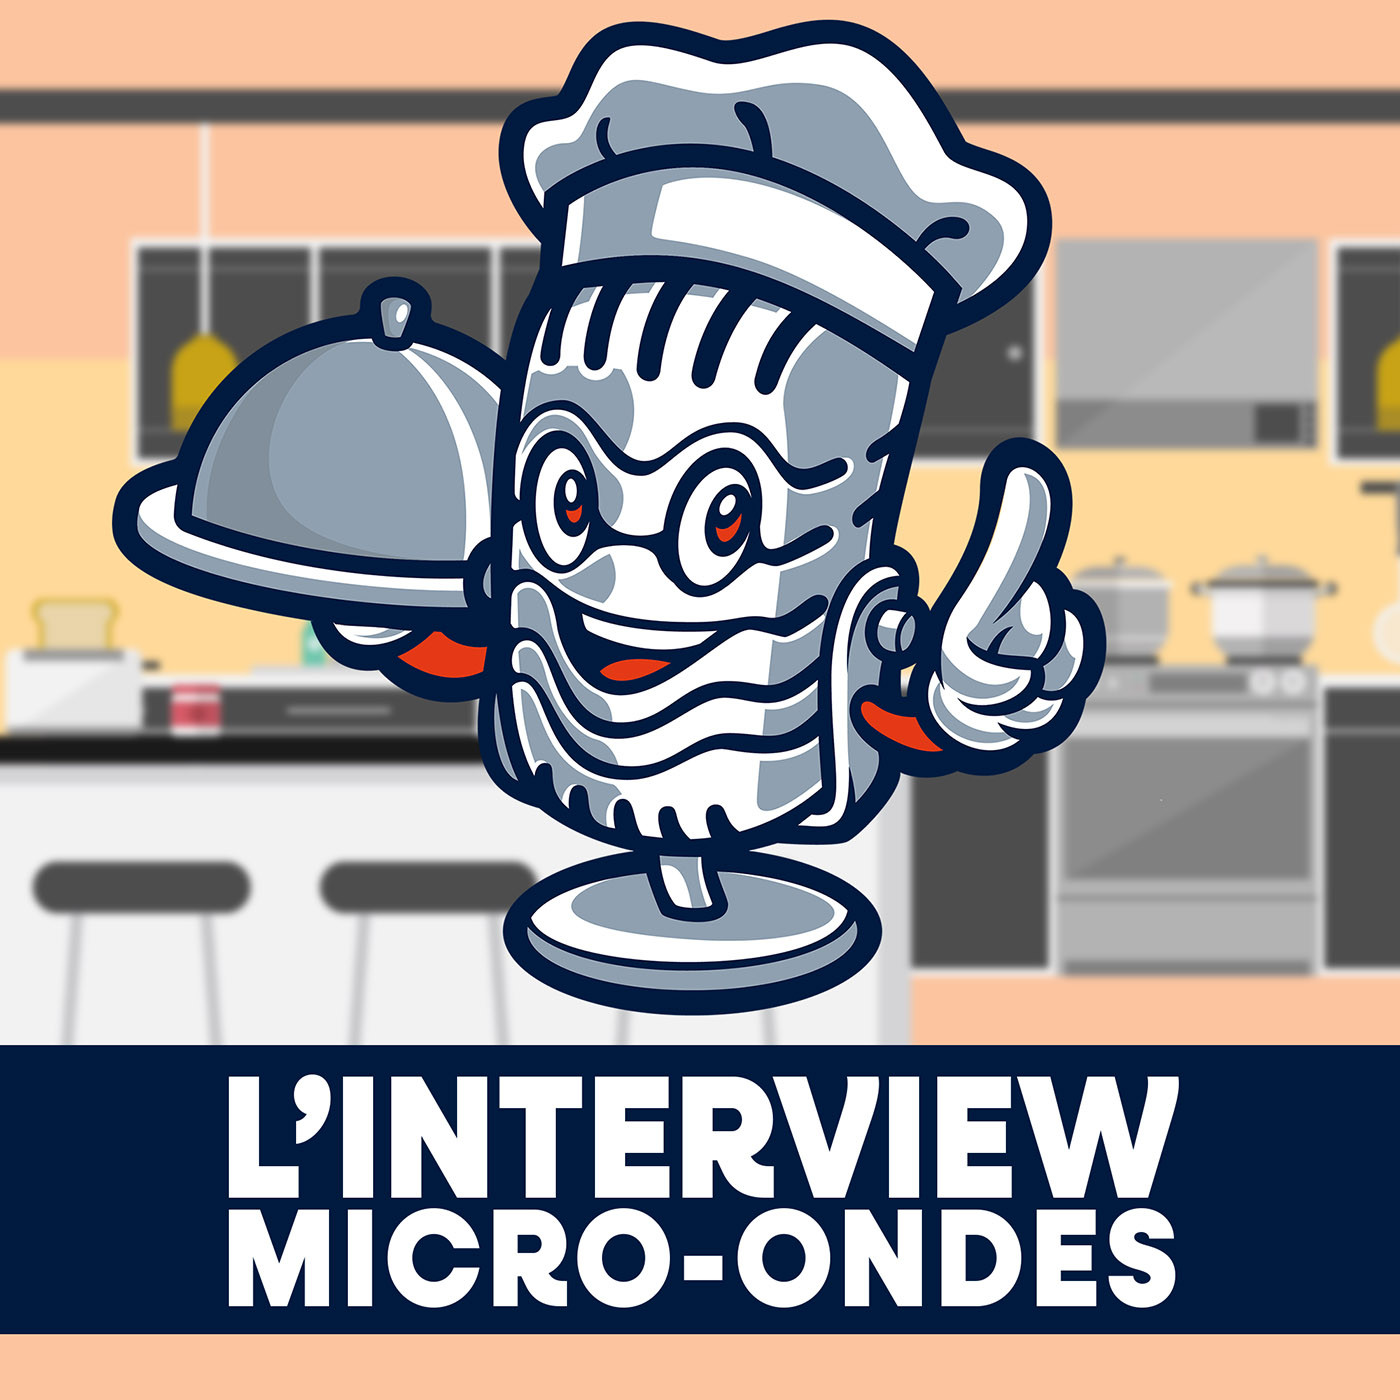 L'Interview Micro-Ondes - Donald Reignoux